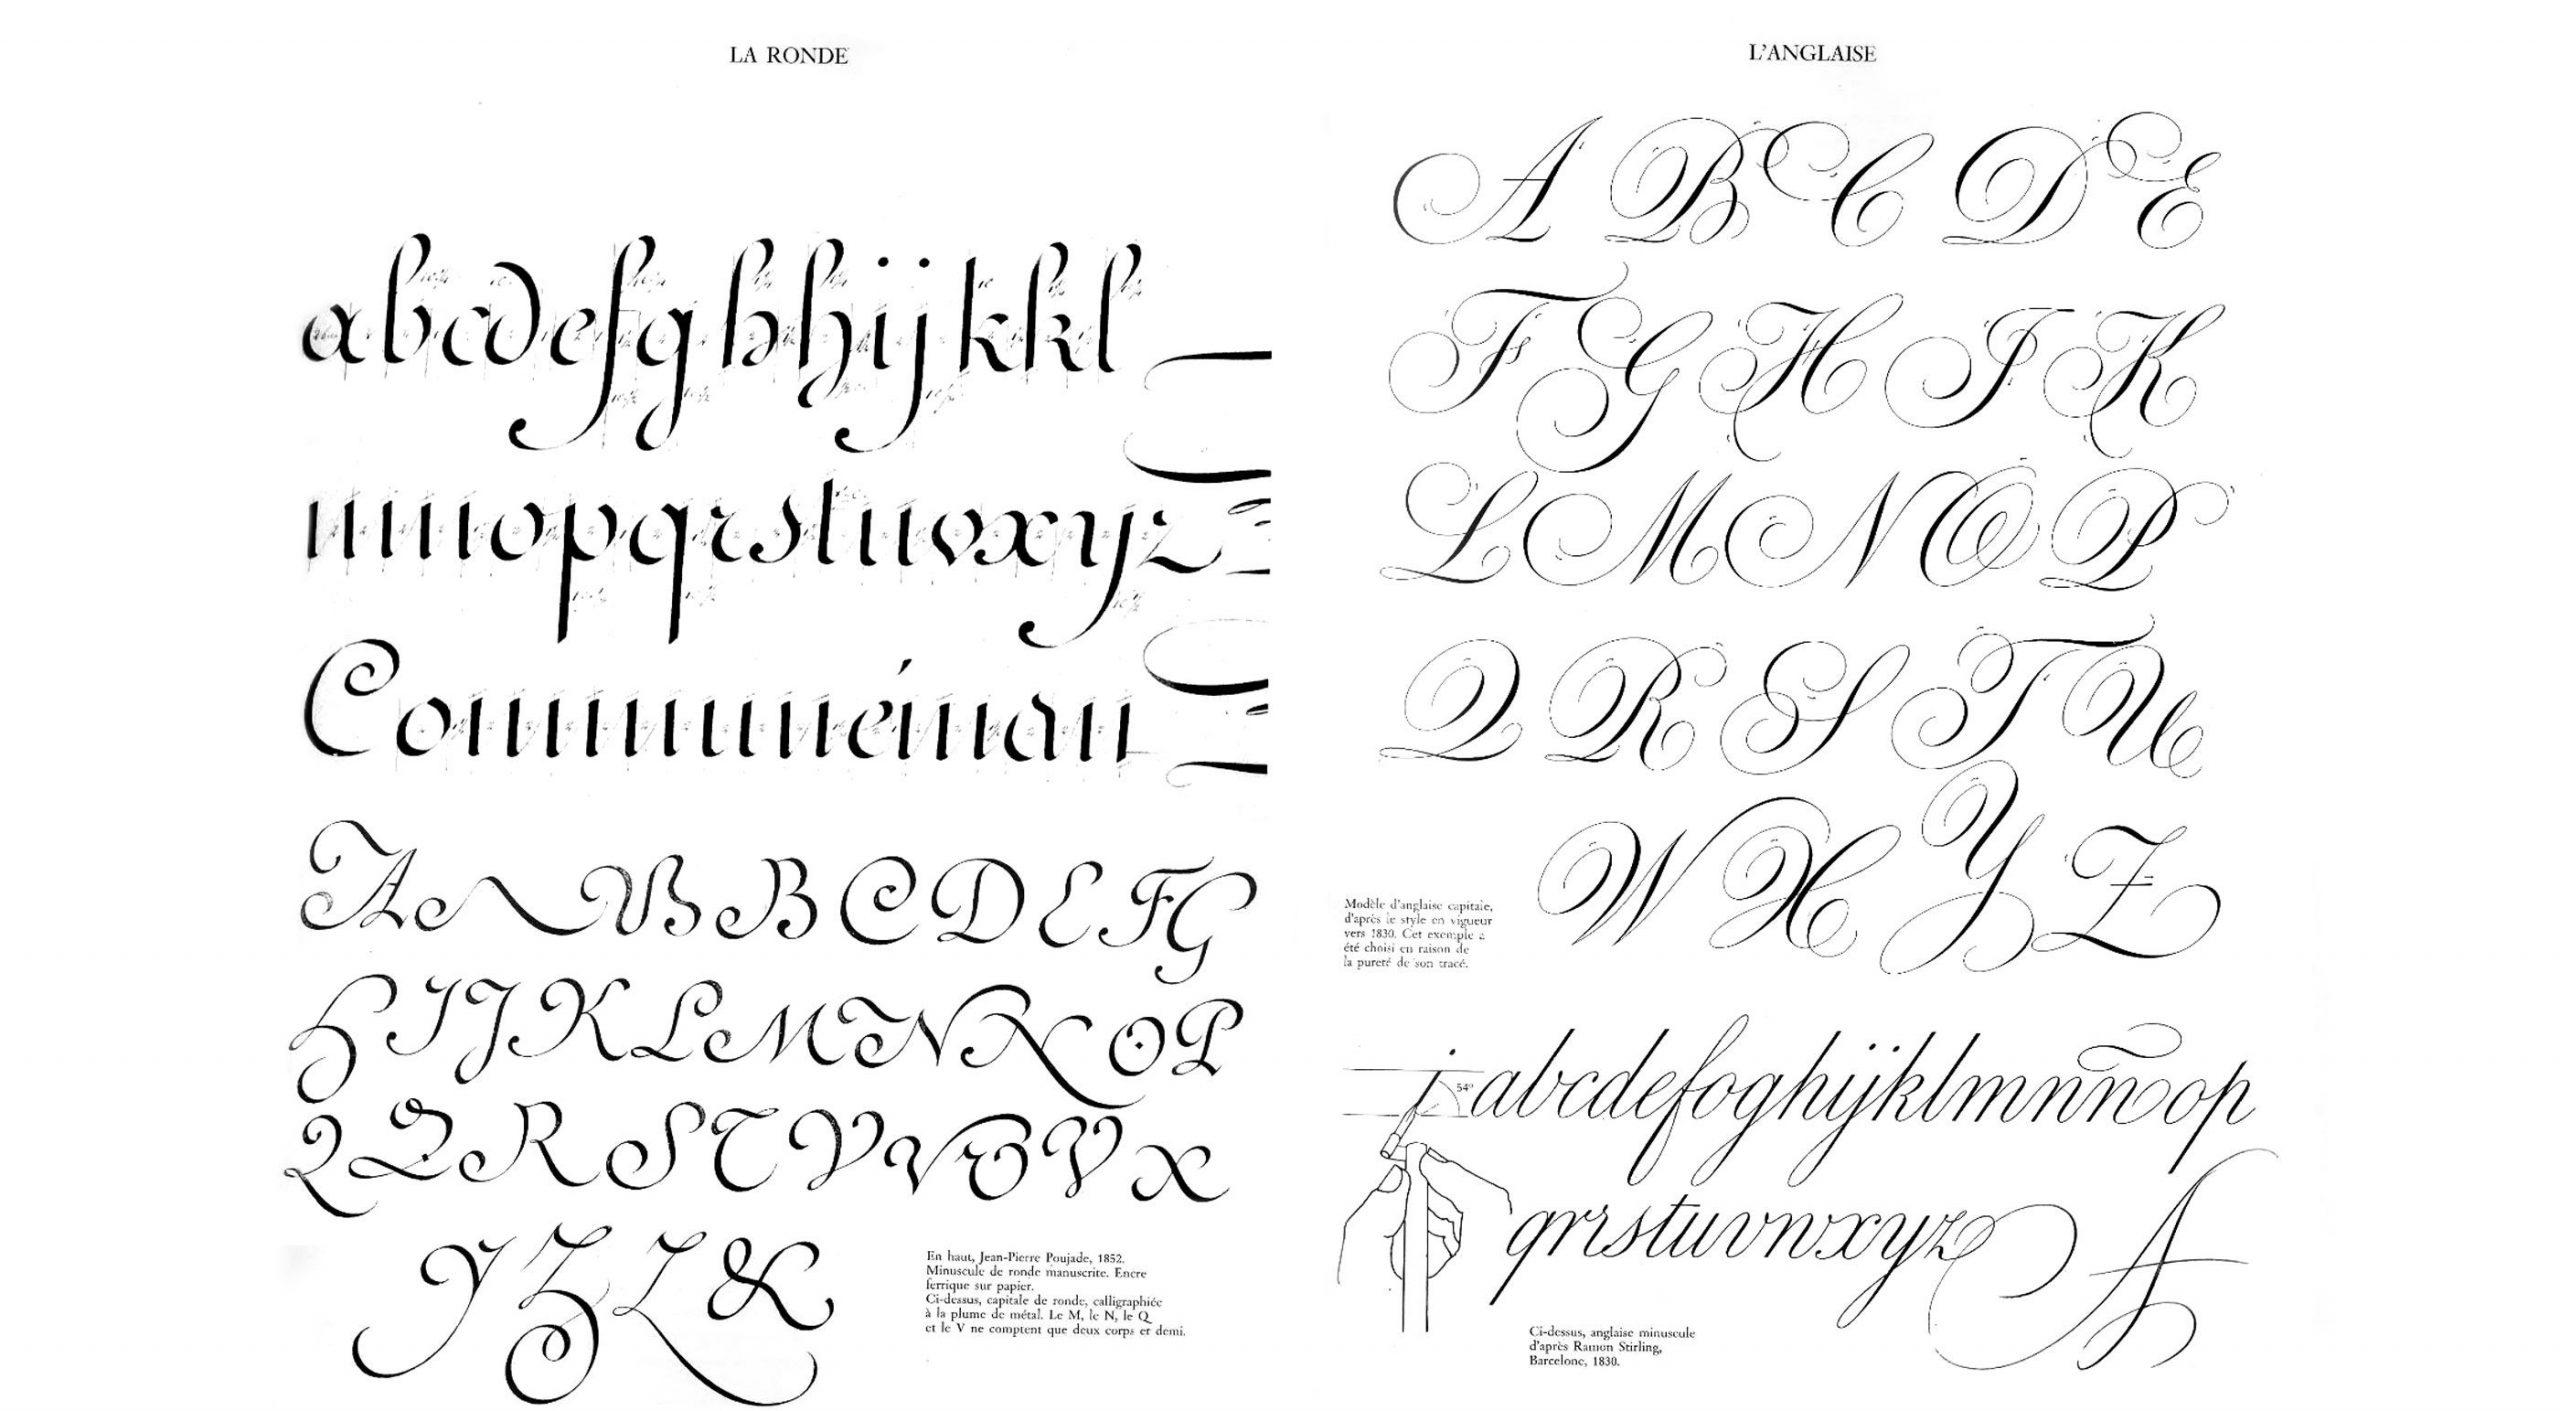 Aycan Cenan (Aycancenan) Pinterest'te intérieur Modele De Lettre Alphabet